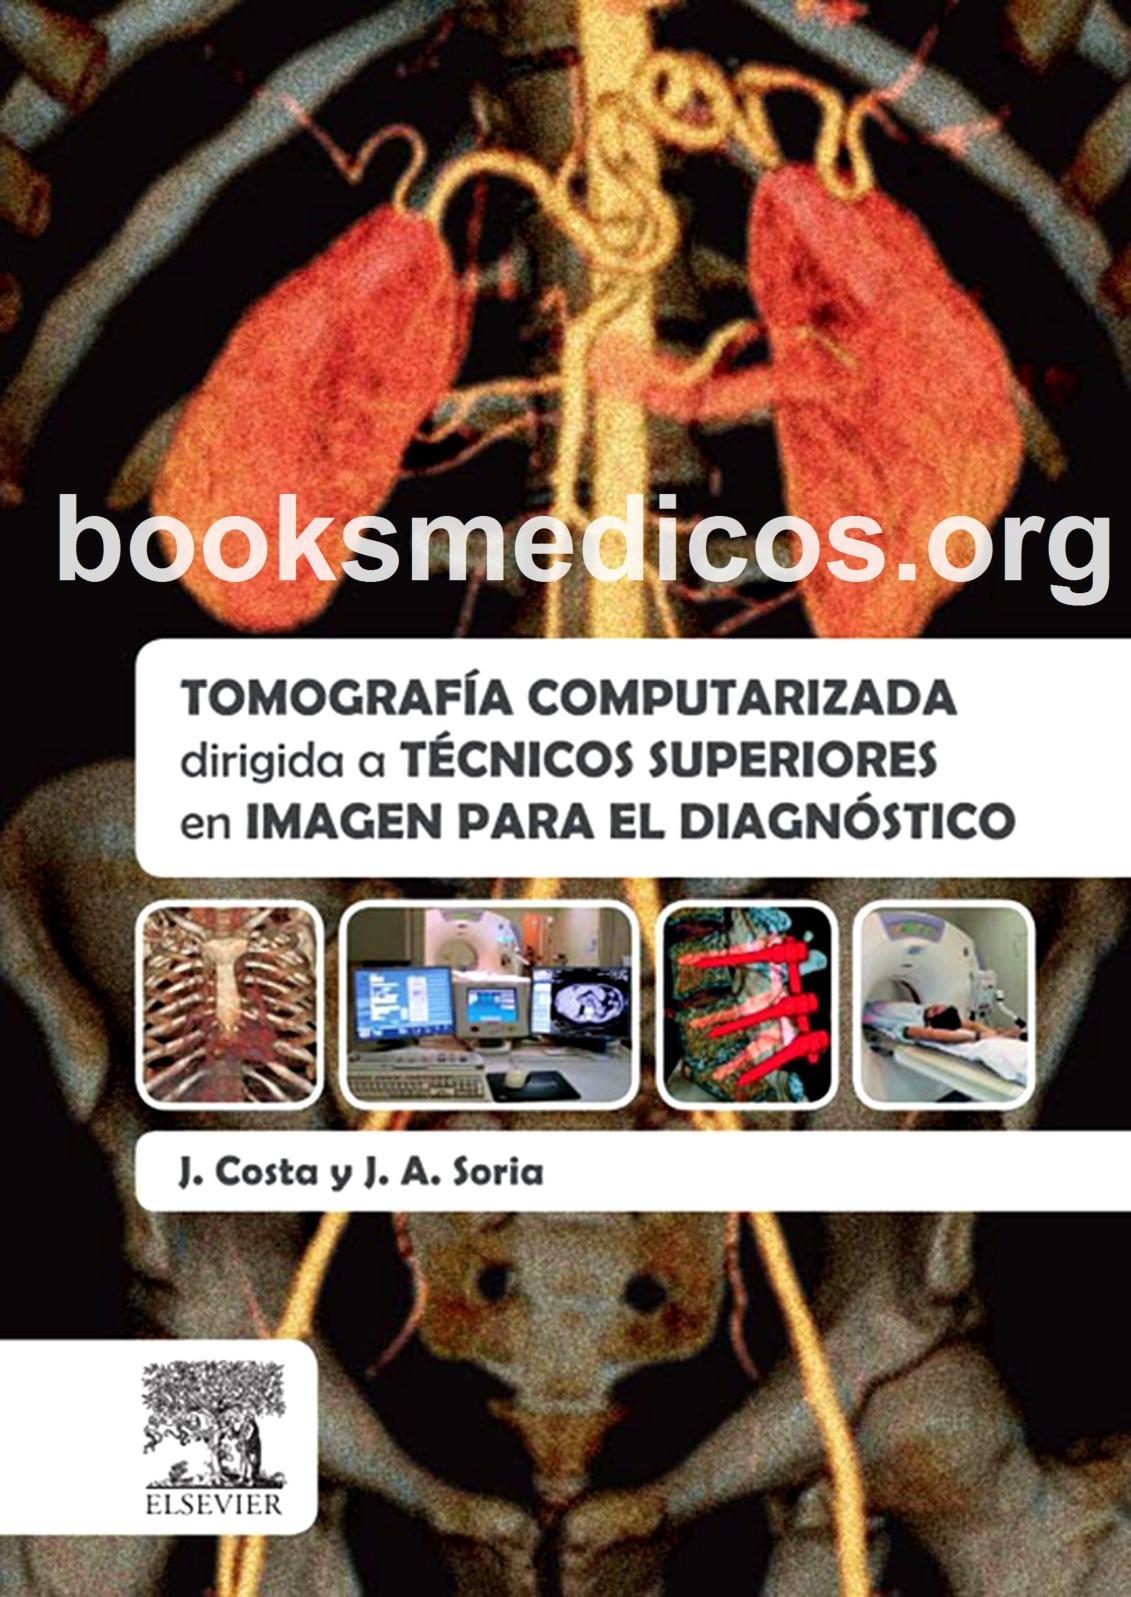 Lectura de tomografía computarizada con contraste para metástasis de próstata